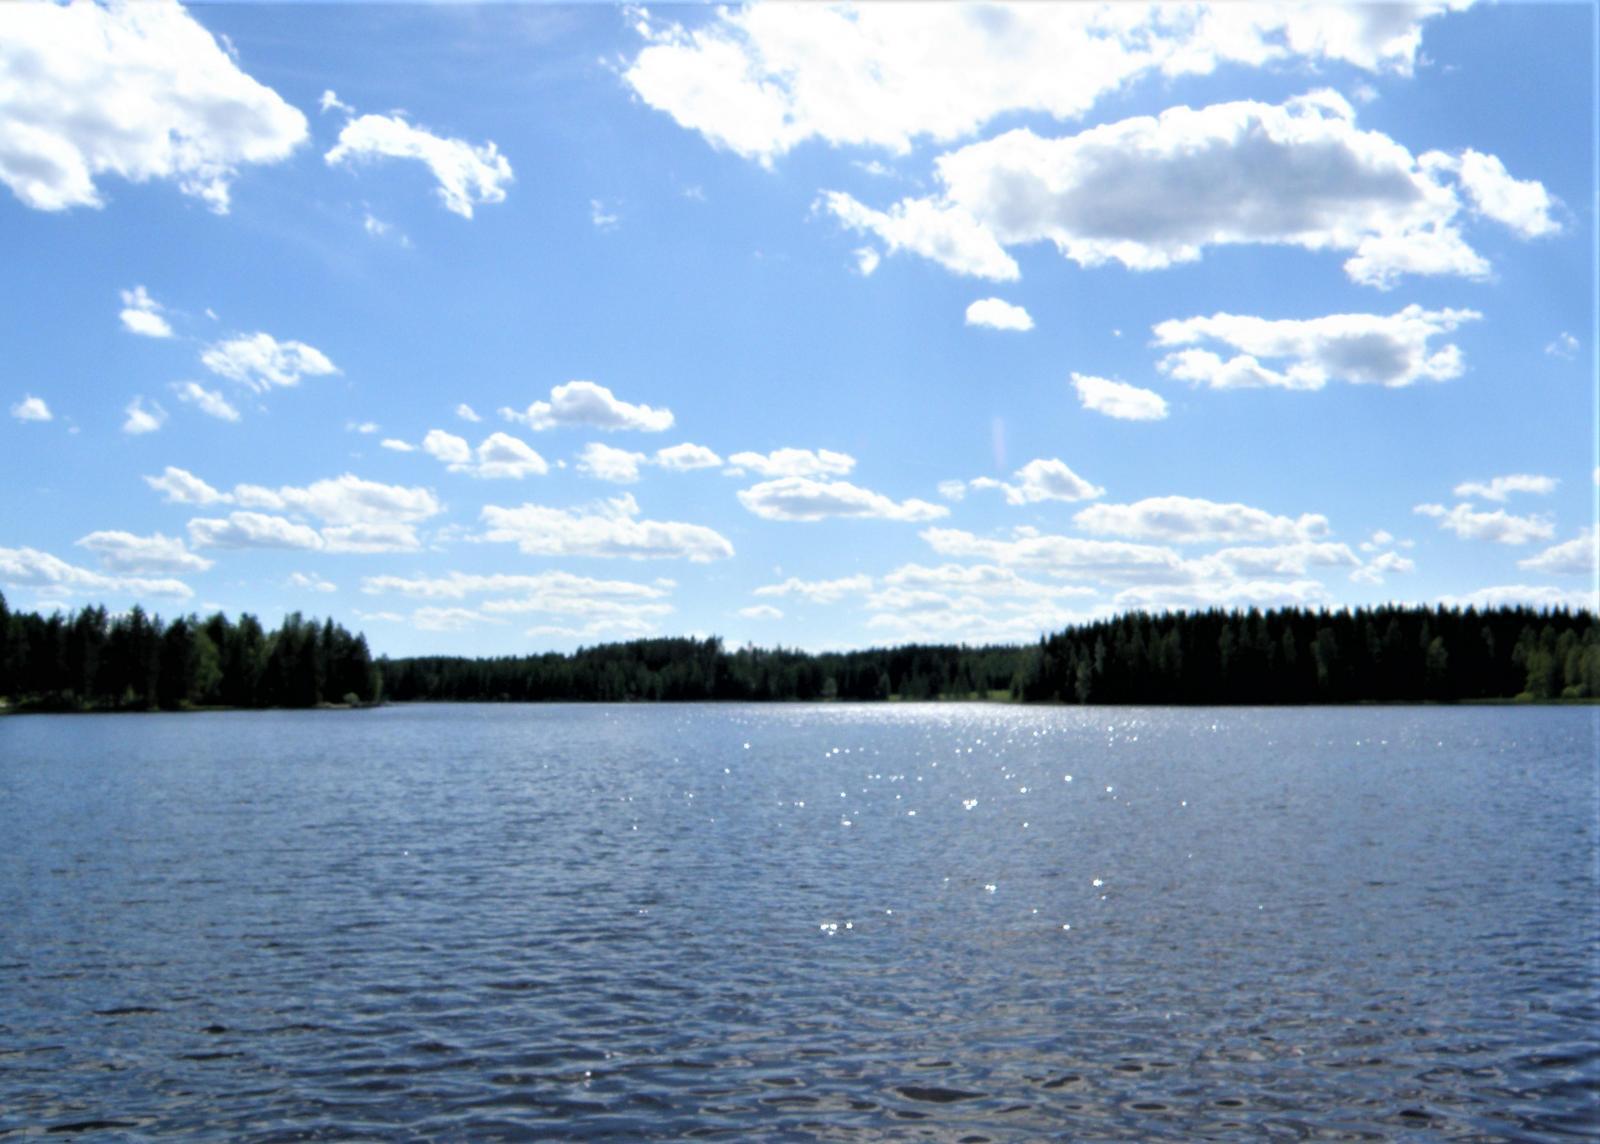 hieno järvimaisema edessä,Roikanvesi on puhdas